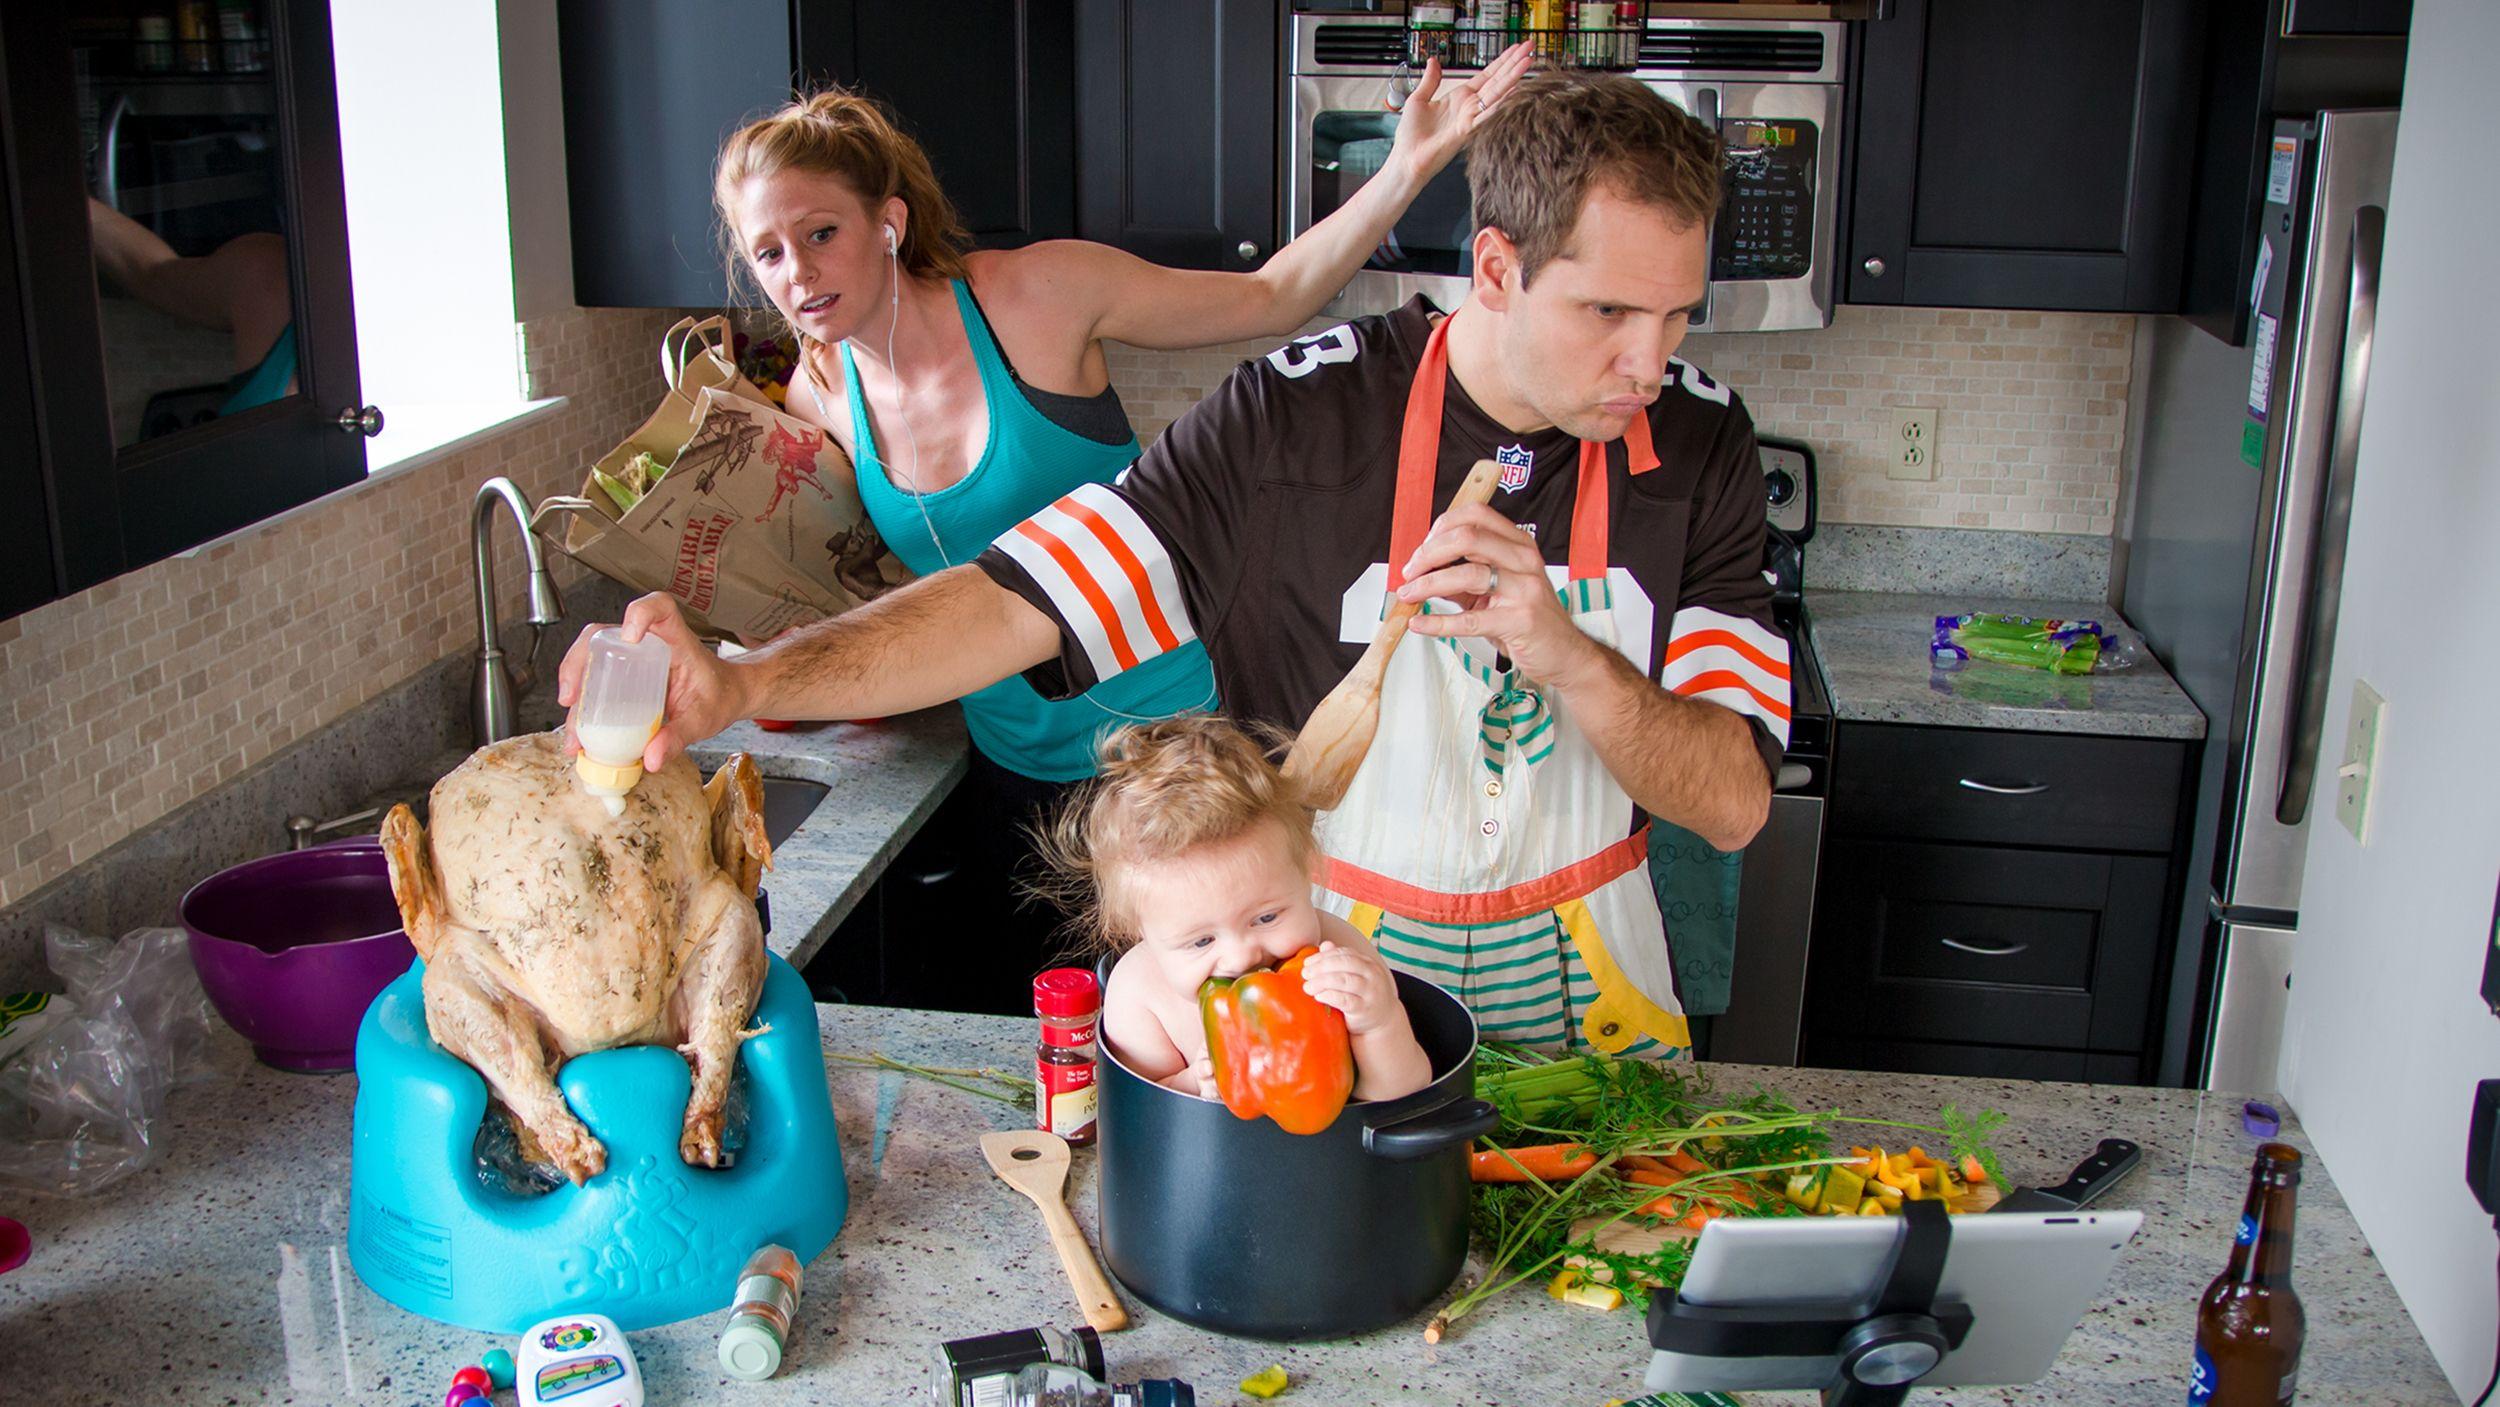 Картинка про семью смешные, времен